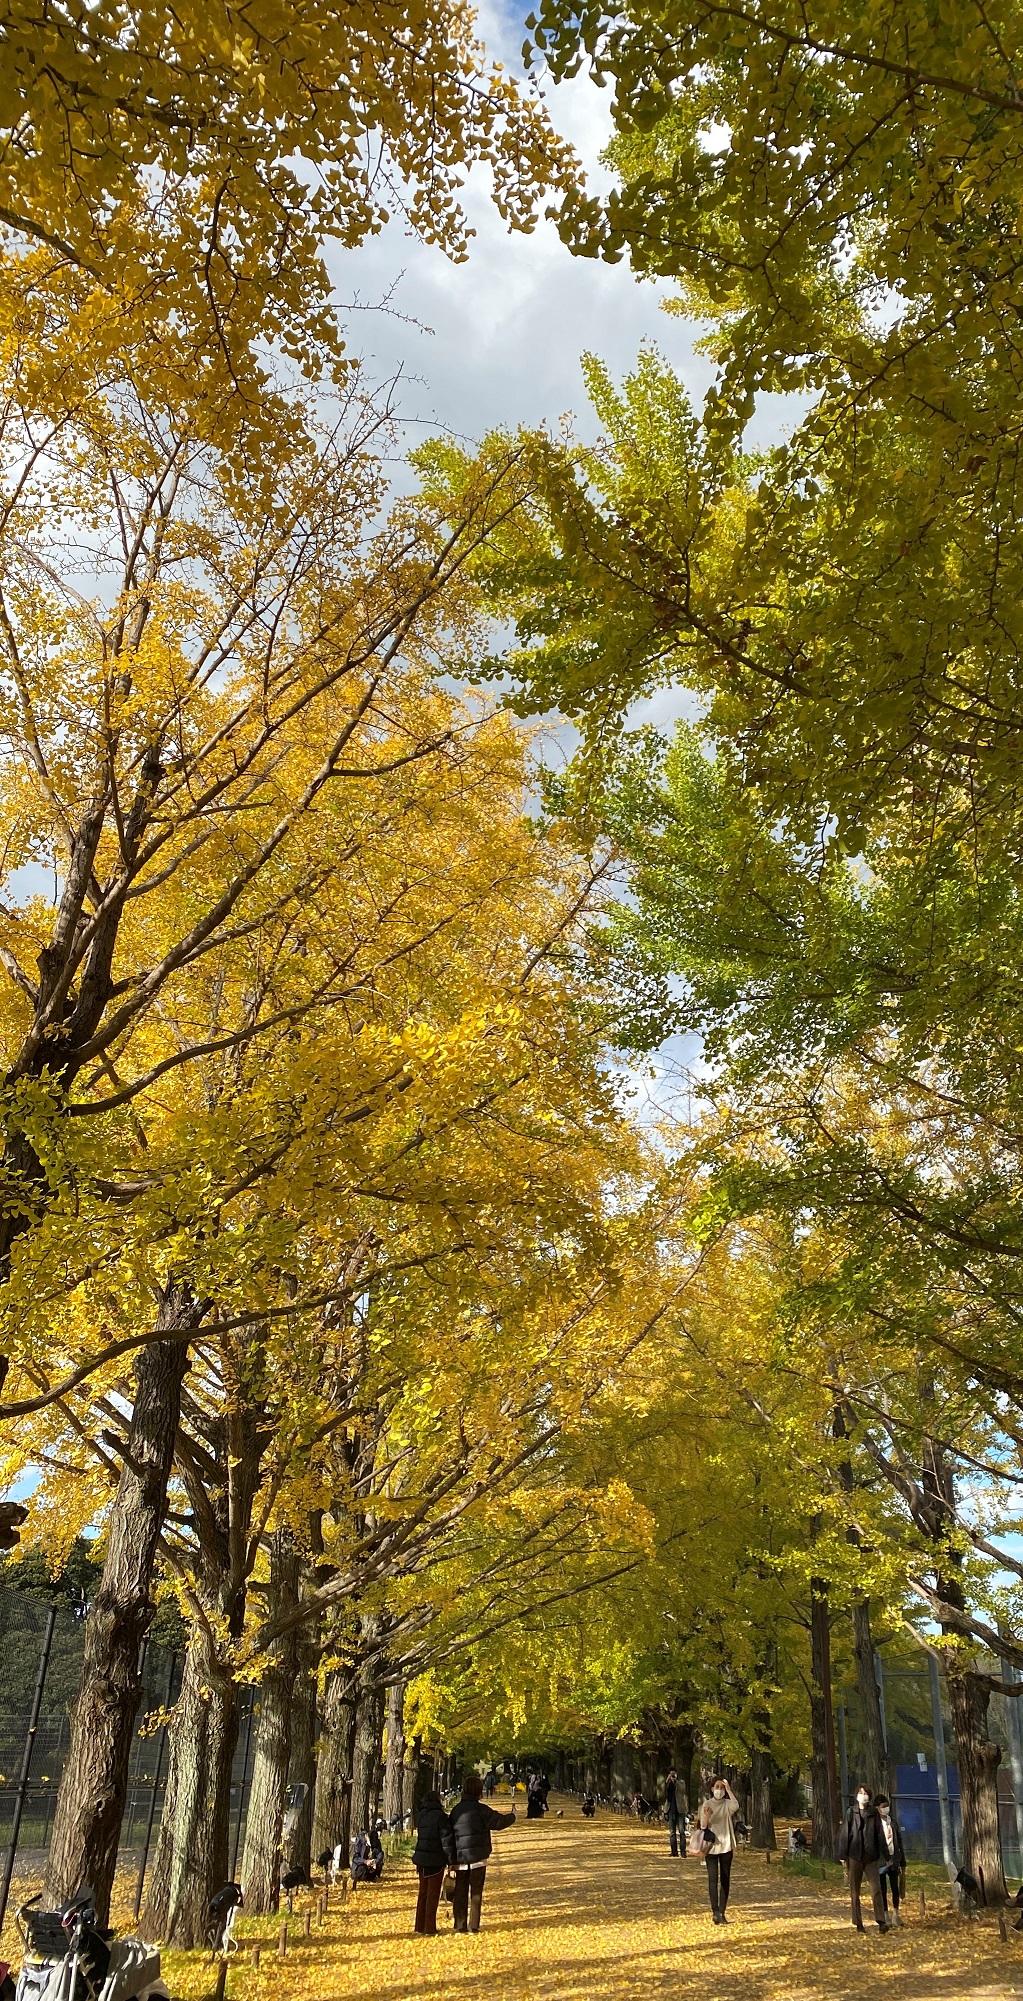 かたらいのイチョウ並木-国営昭和記念公園-立川市-東京